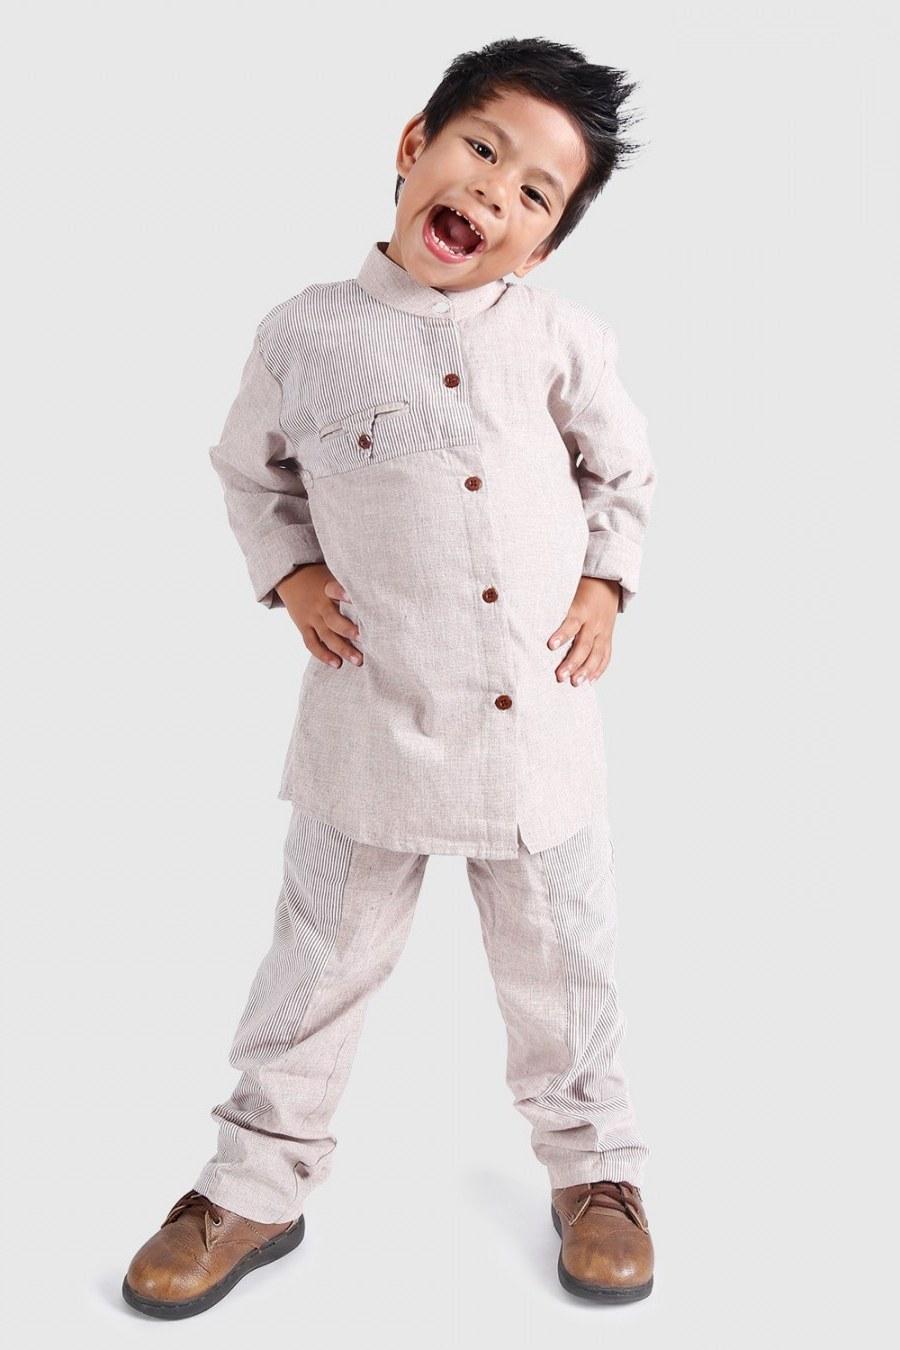 Bentuk Baju Lebaran Anak Lelaki Xtd6 27 Trend Design Baju Raya 2020 Lelaki Dan Wanita Terkini